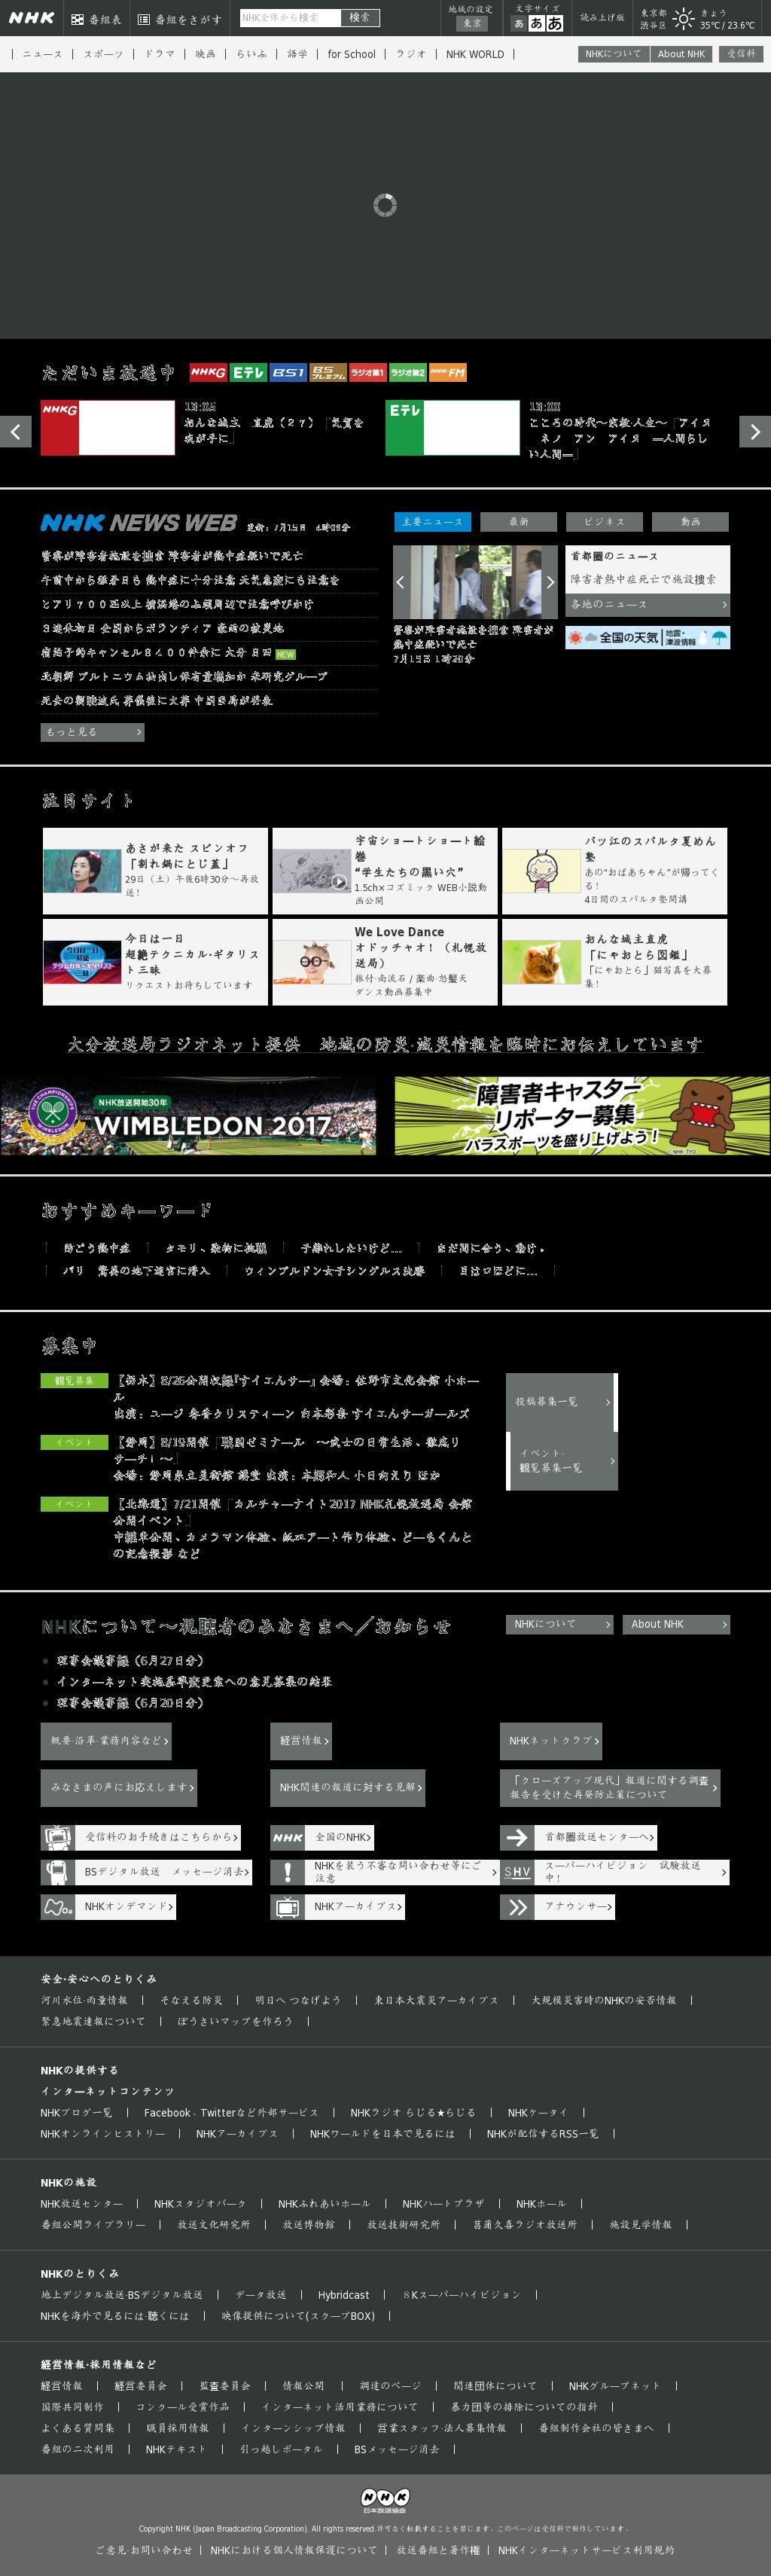 NHK Online at Saturday July 15, 2017, 4:13 a.m. UTC